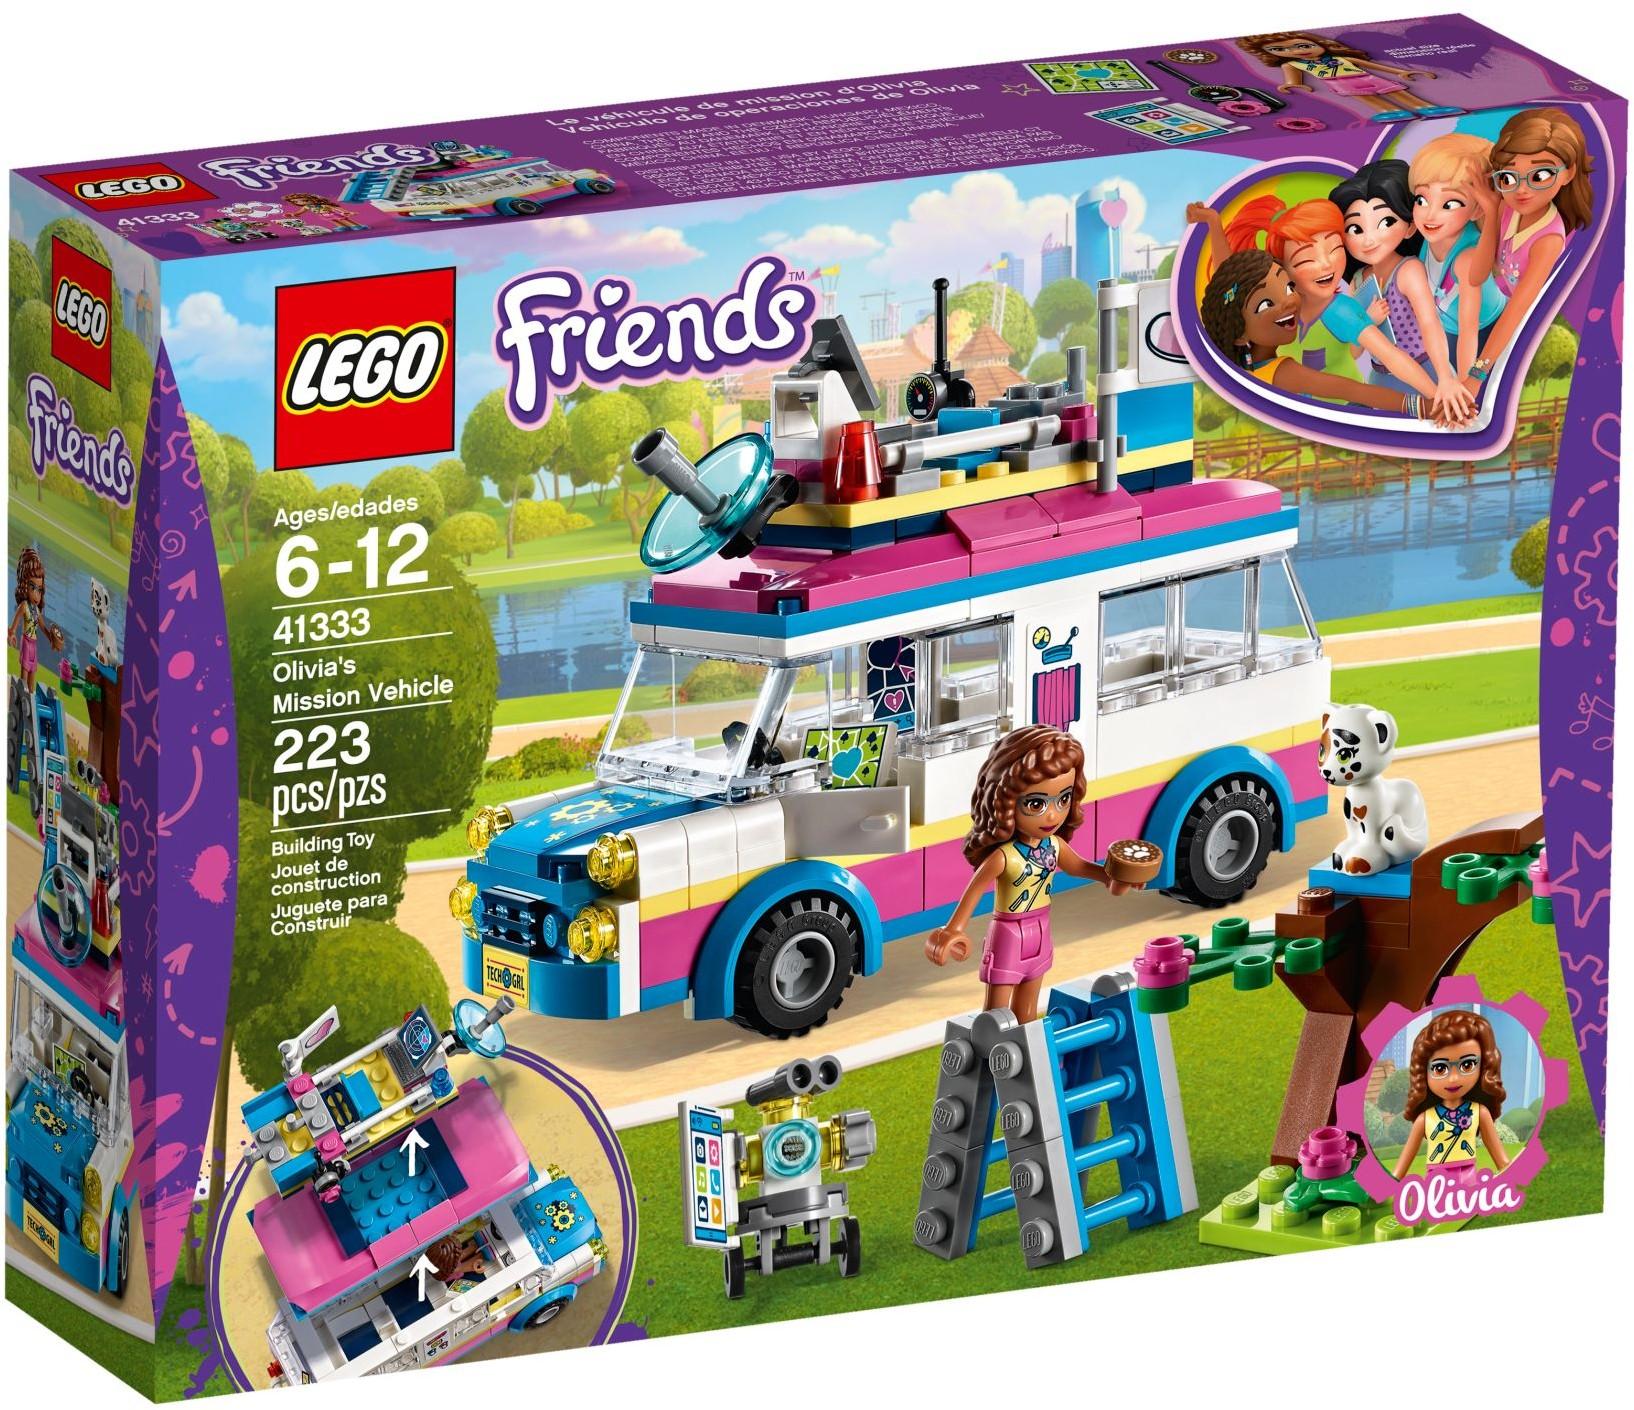 41333 Olivia's Mission Vehicle